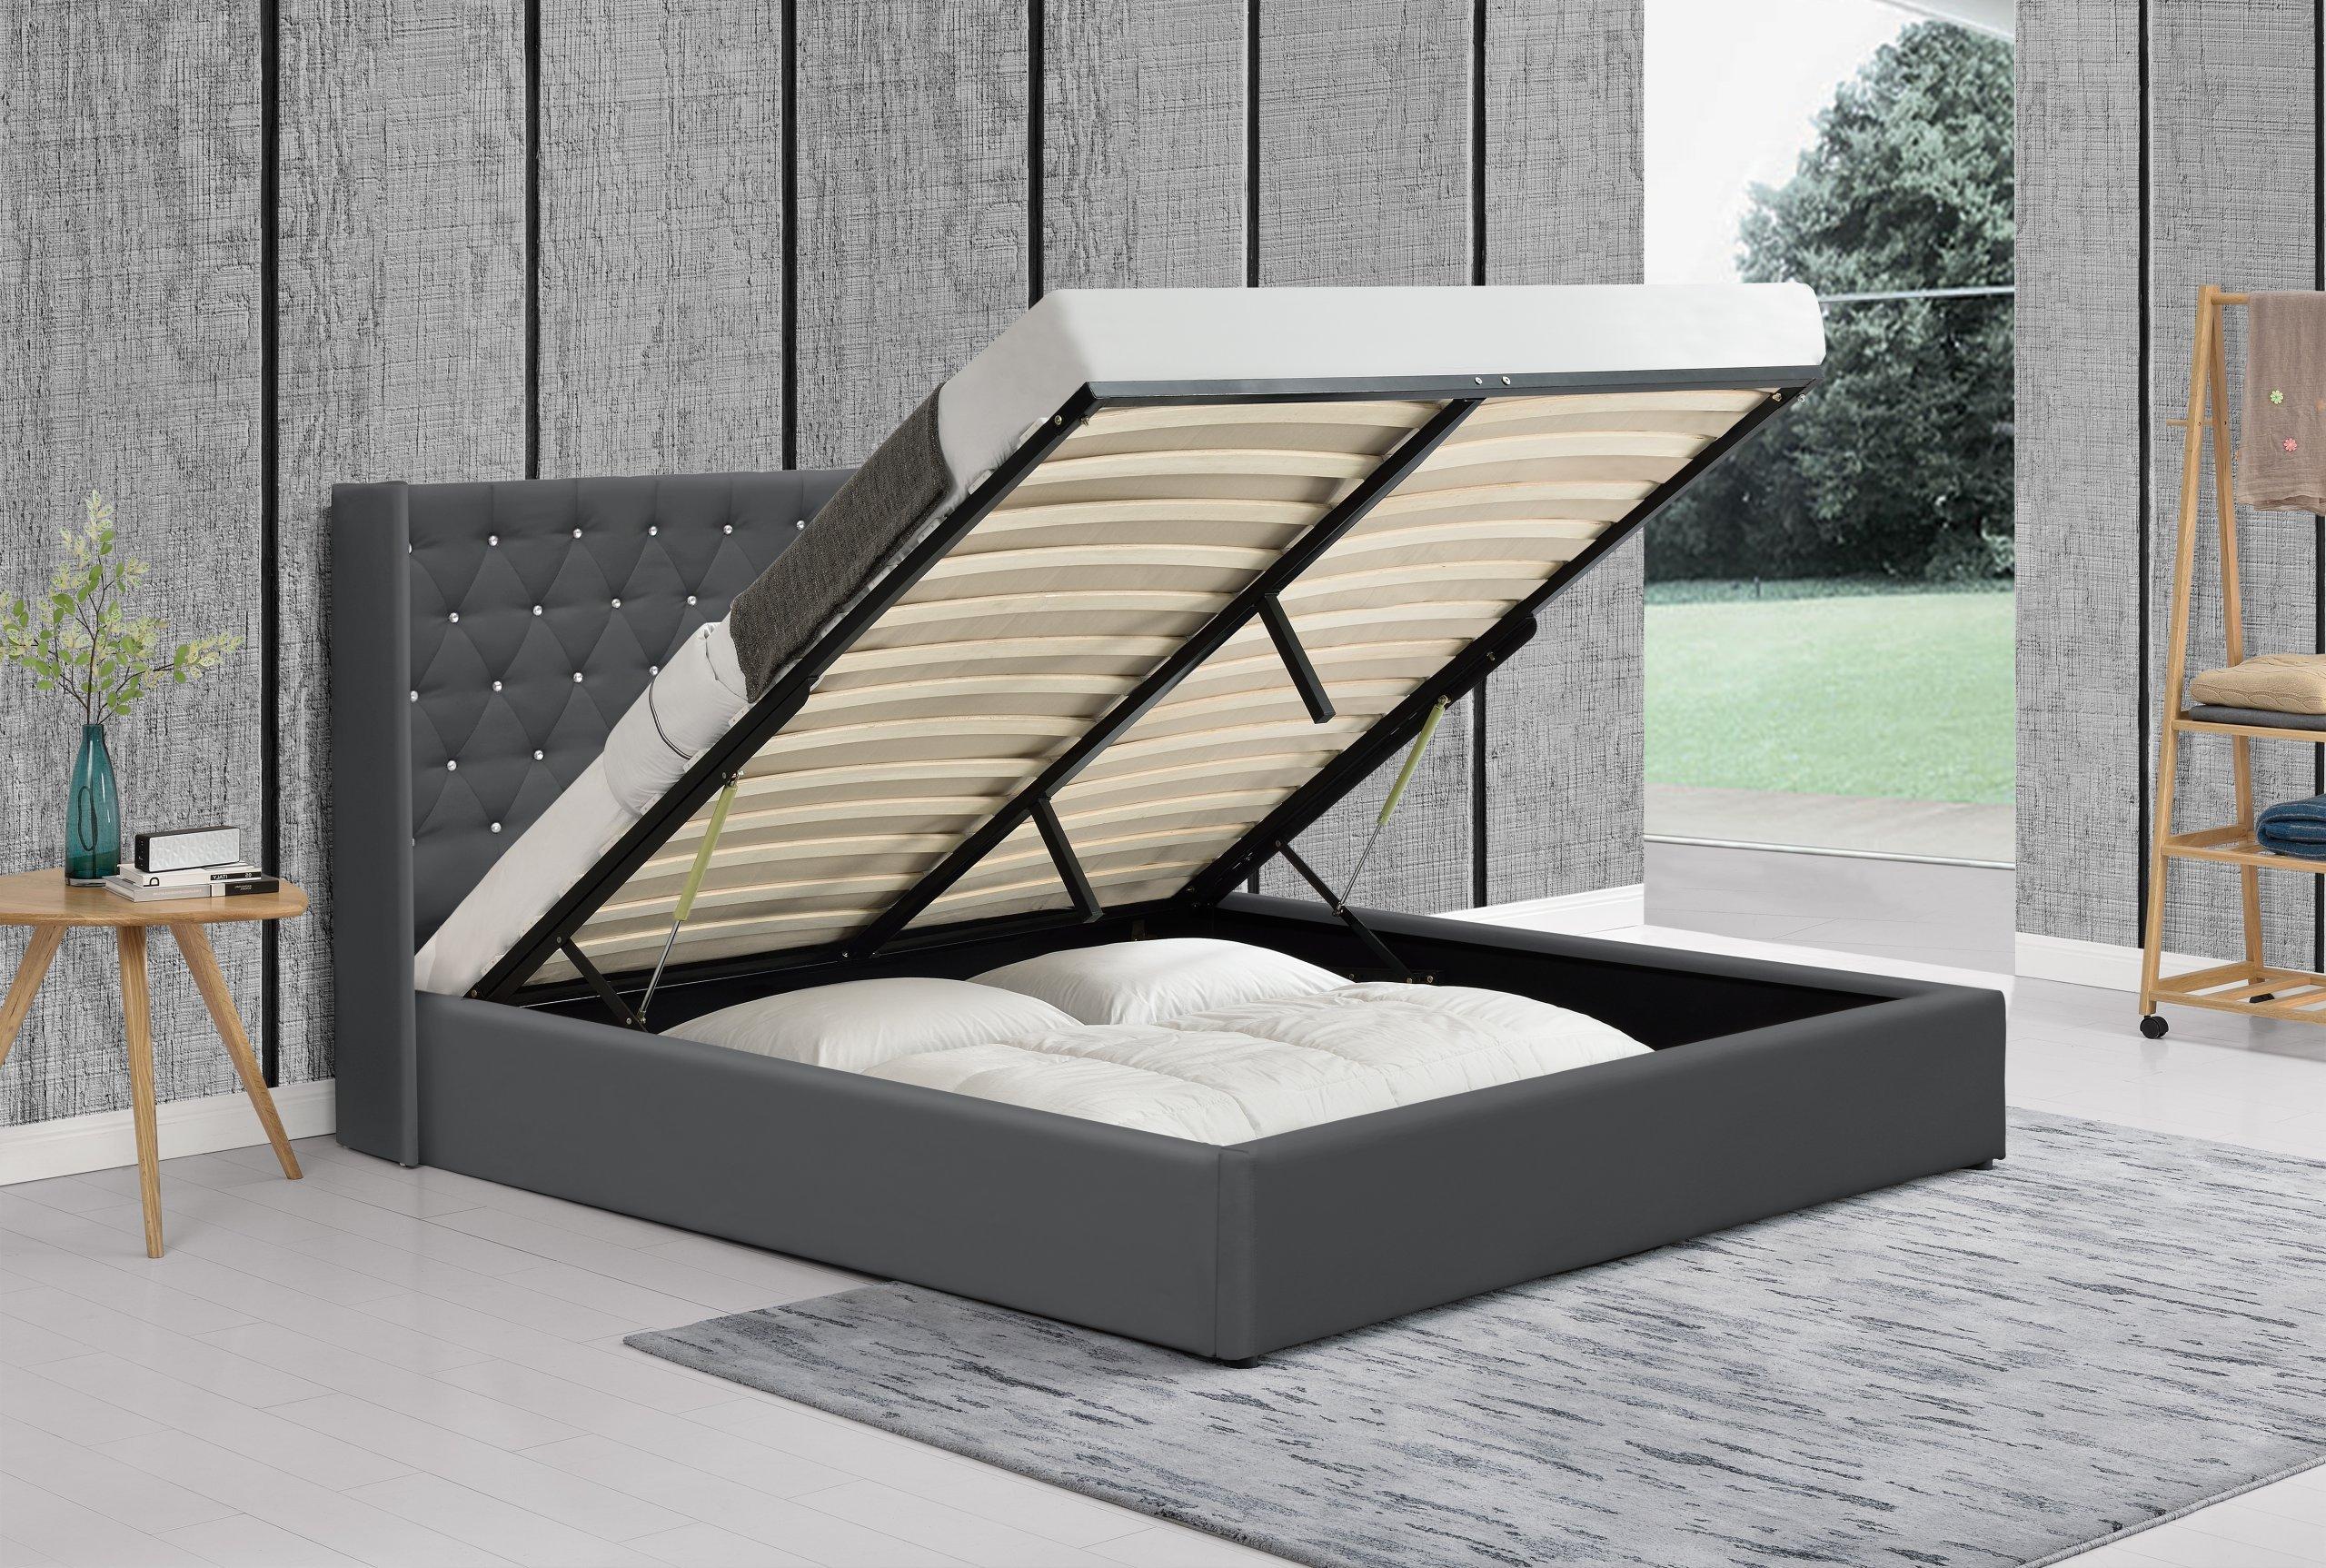 łóżko Tapicerowane 1231g 140x200 Z Materacem 6872808868